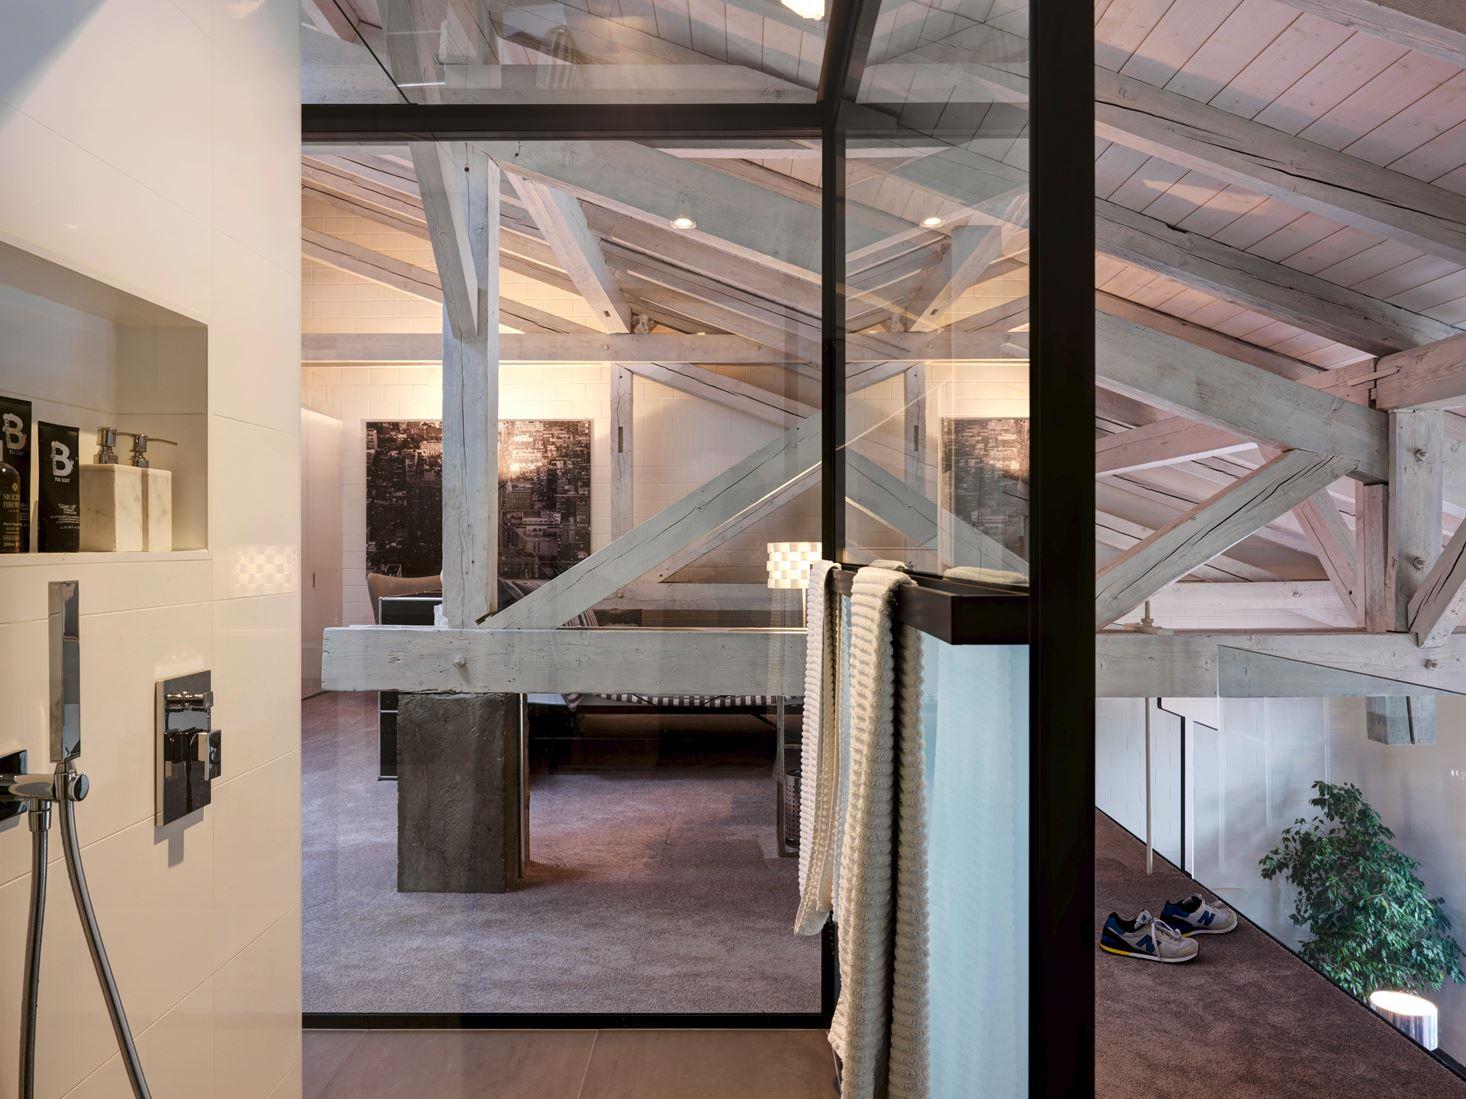 come fare solaio in legno in una piccola stanza : Un loft con un suggestivo tetto in legno - Mansarda.it